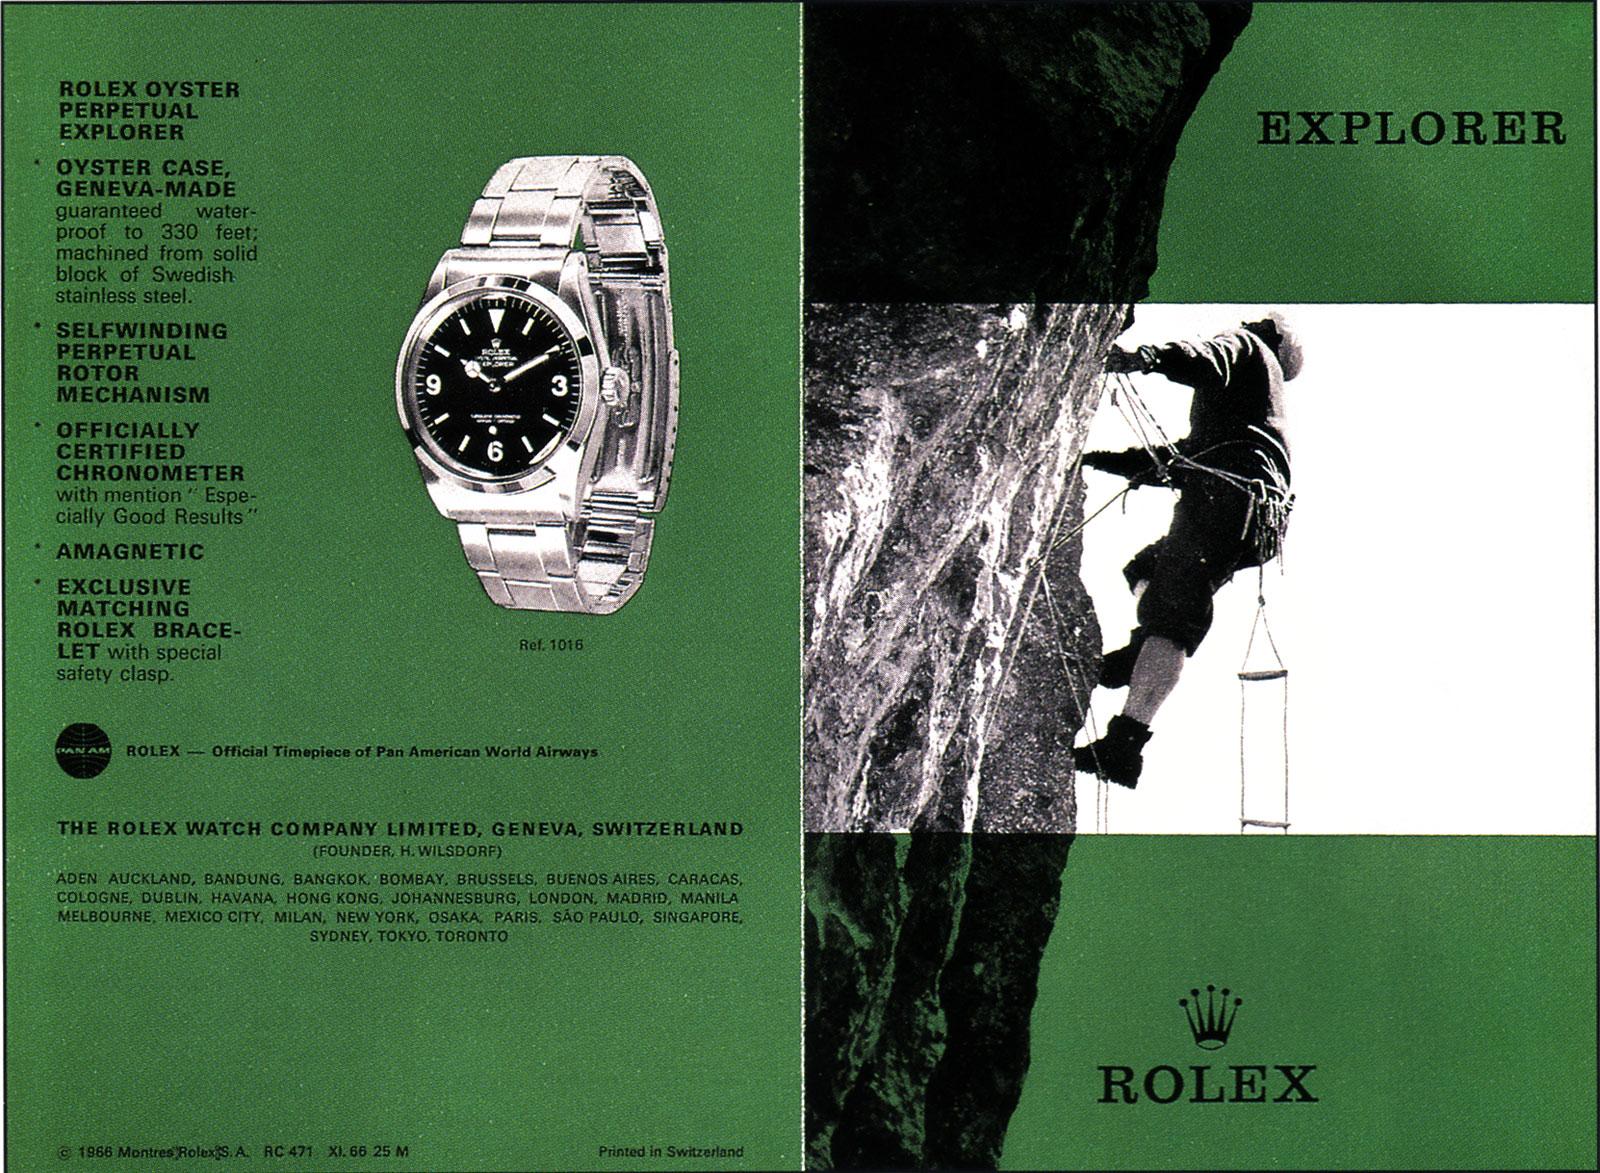 Rolex Explorer 1016 ad